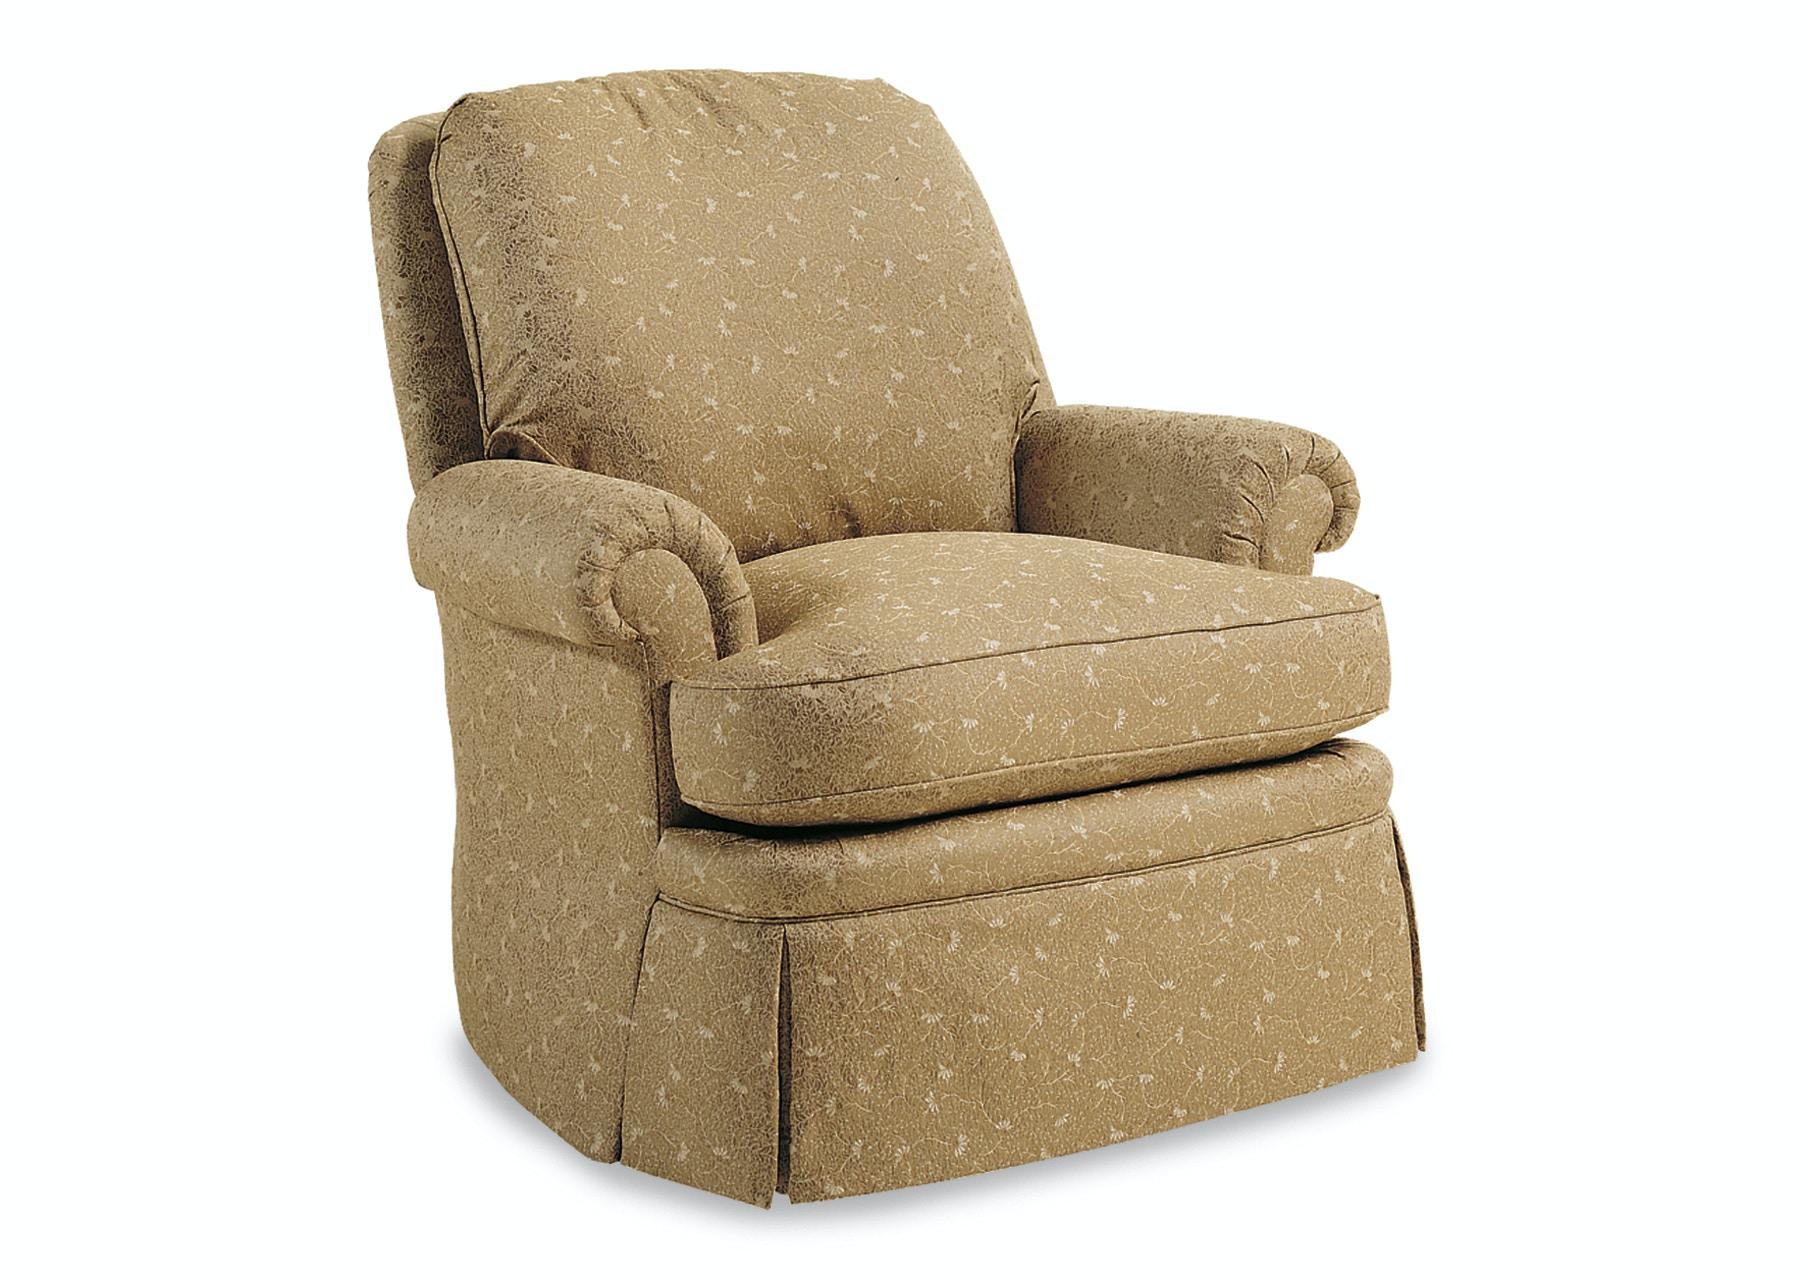 Jessica Charles Living Room Holton Swivel Rocker 422 SR   Lenoir Empire  Furniture   Johnson City, TN